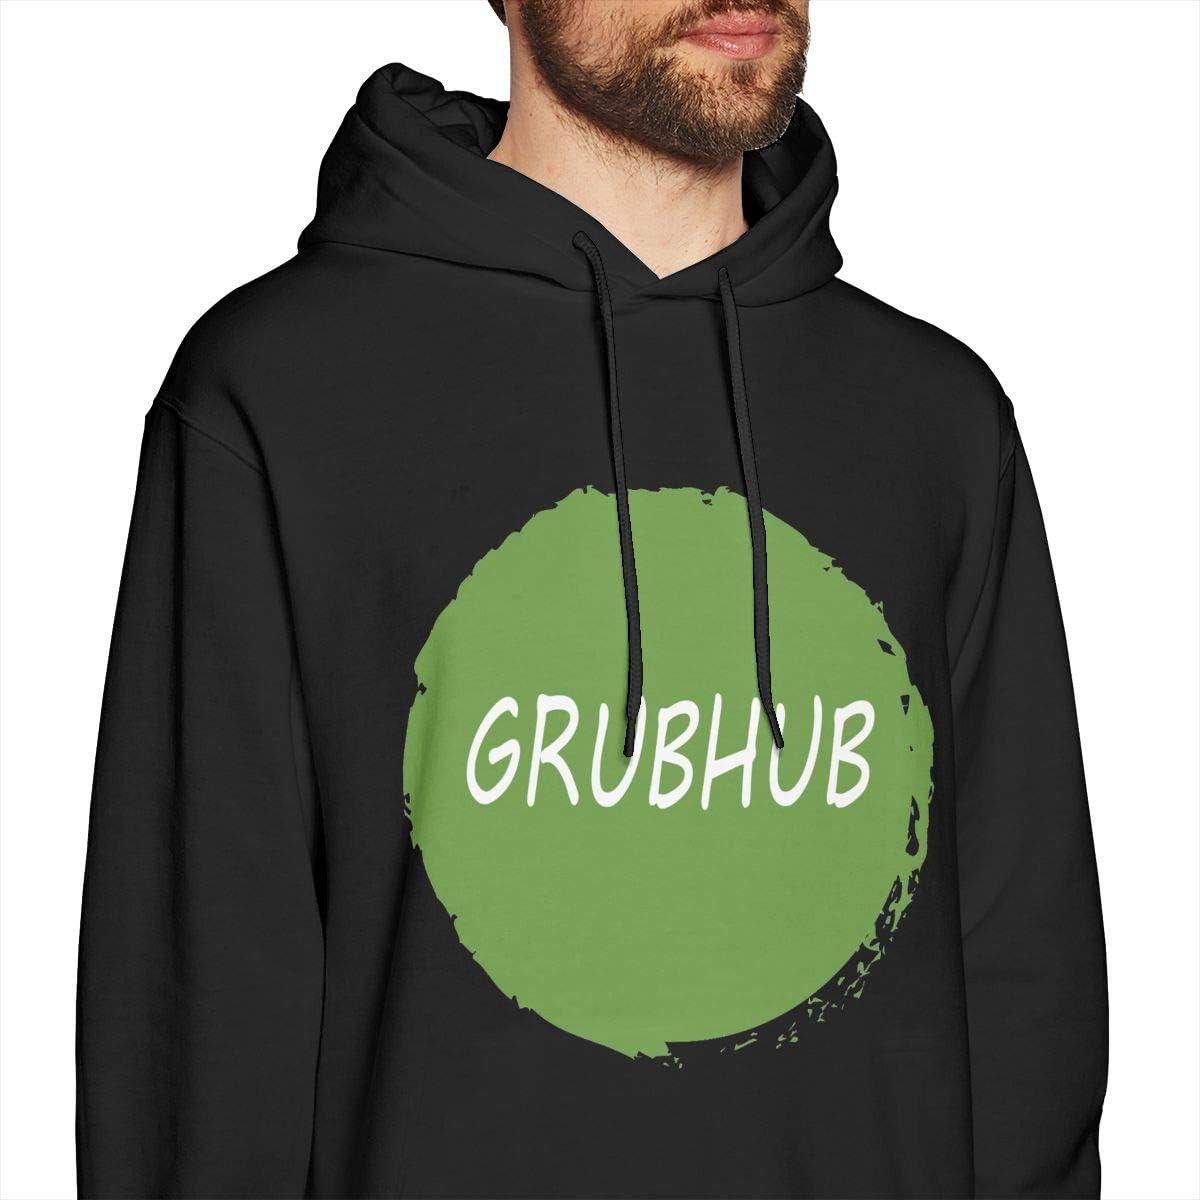 Pekivide Mens Gru-bh-ub Pure Cotton Black Hoodie Sweatshirt Jacket Pullover Tops